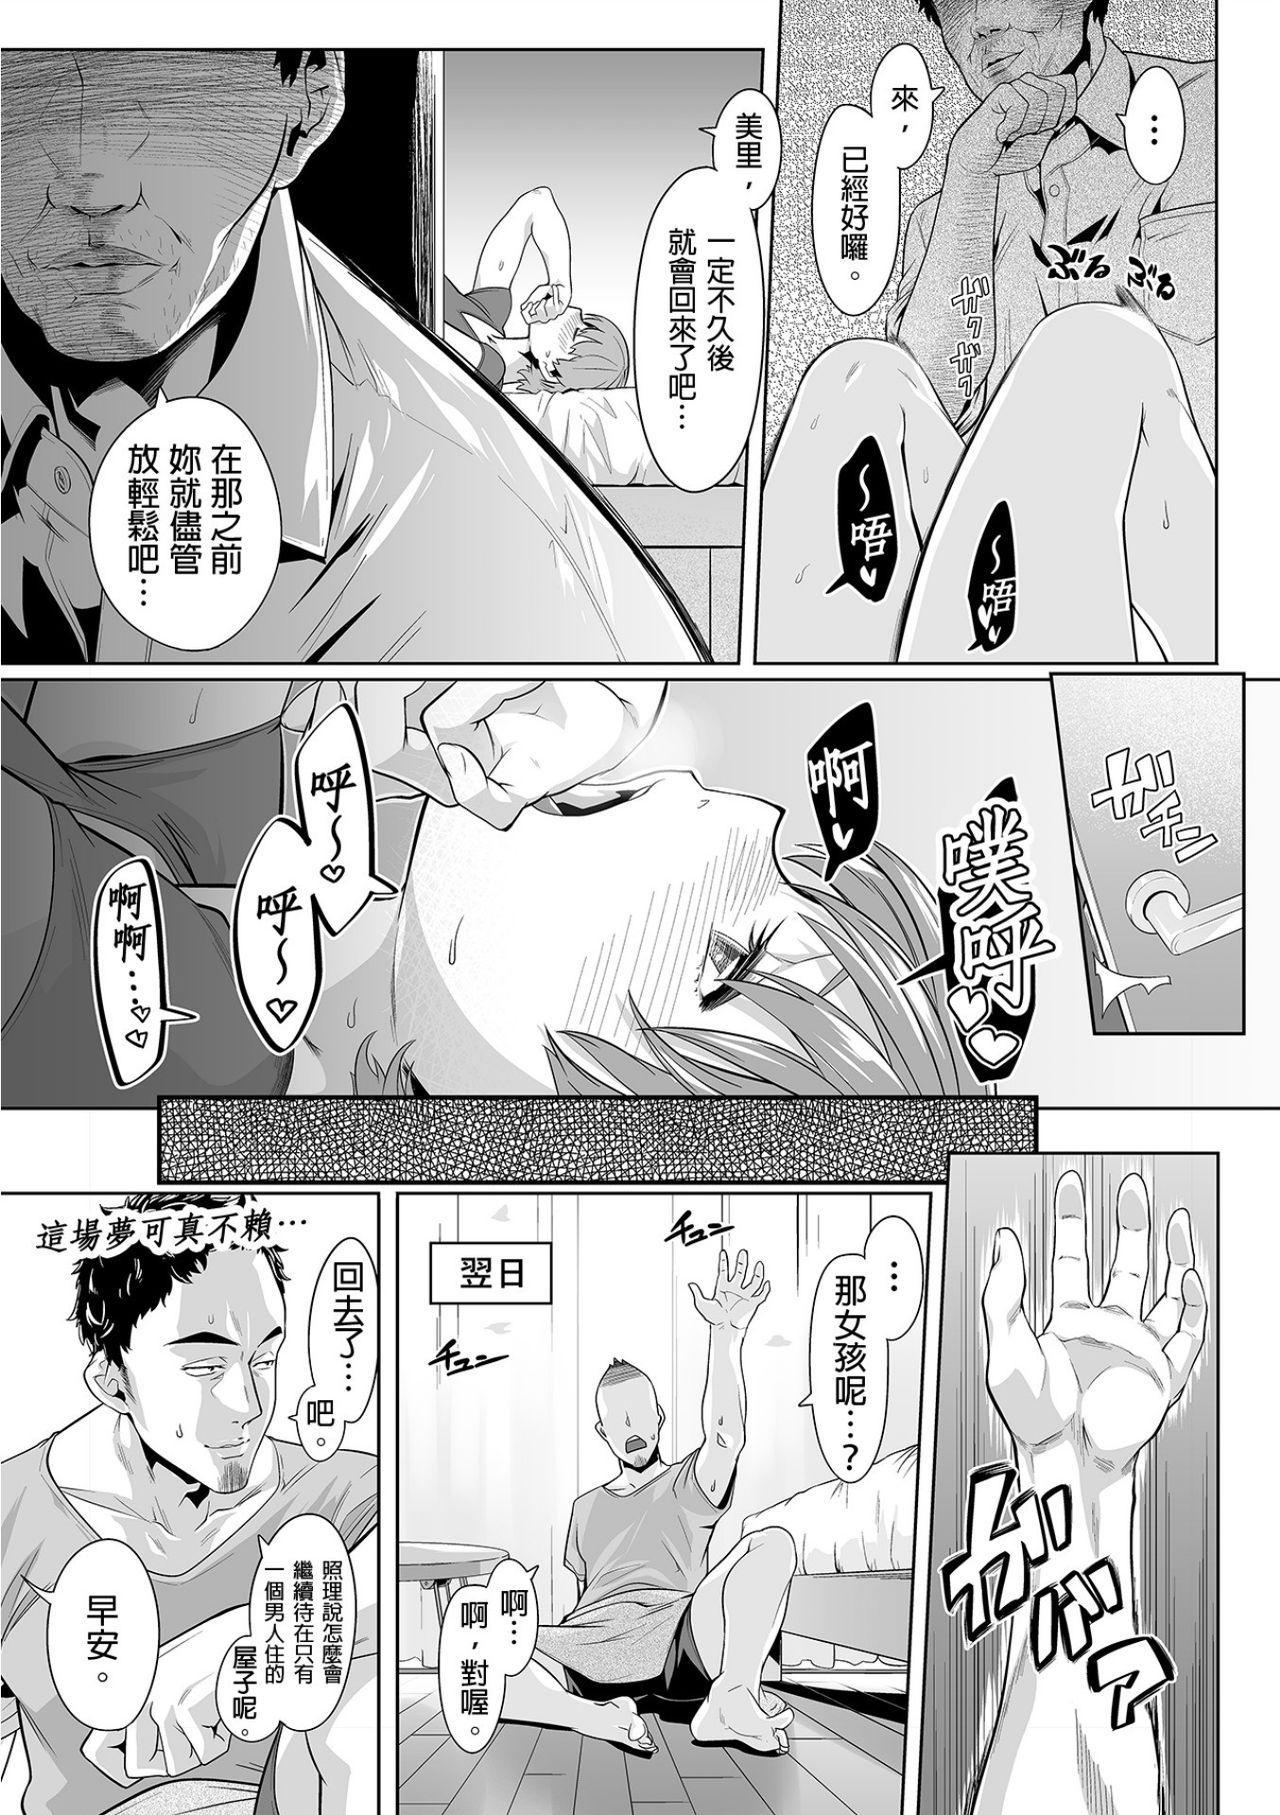 [Qunami Himehiko, Akahige] Gifu no Nurunuru Massage ~Musume no Kori o Asa kara Kurikuri~ | 義父的濕答答按摩~一早幫忙女兒放鬆肌肉~ Ch. 9 [Chinese] 9